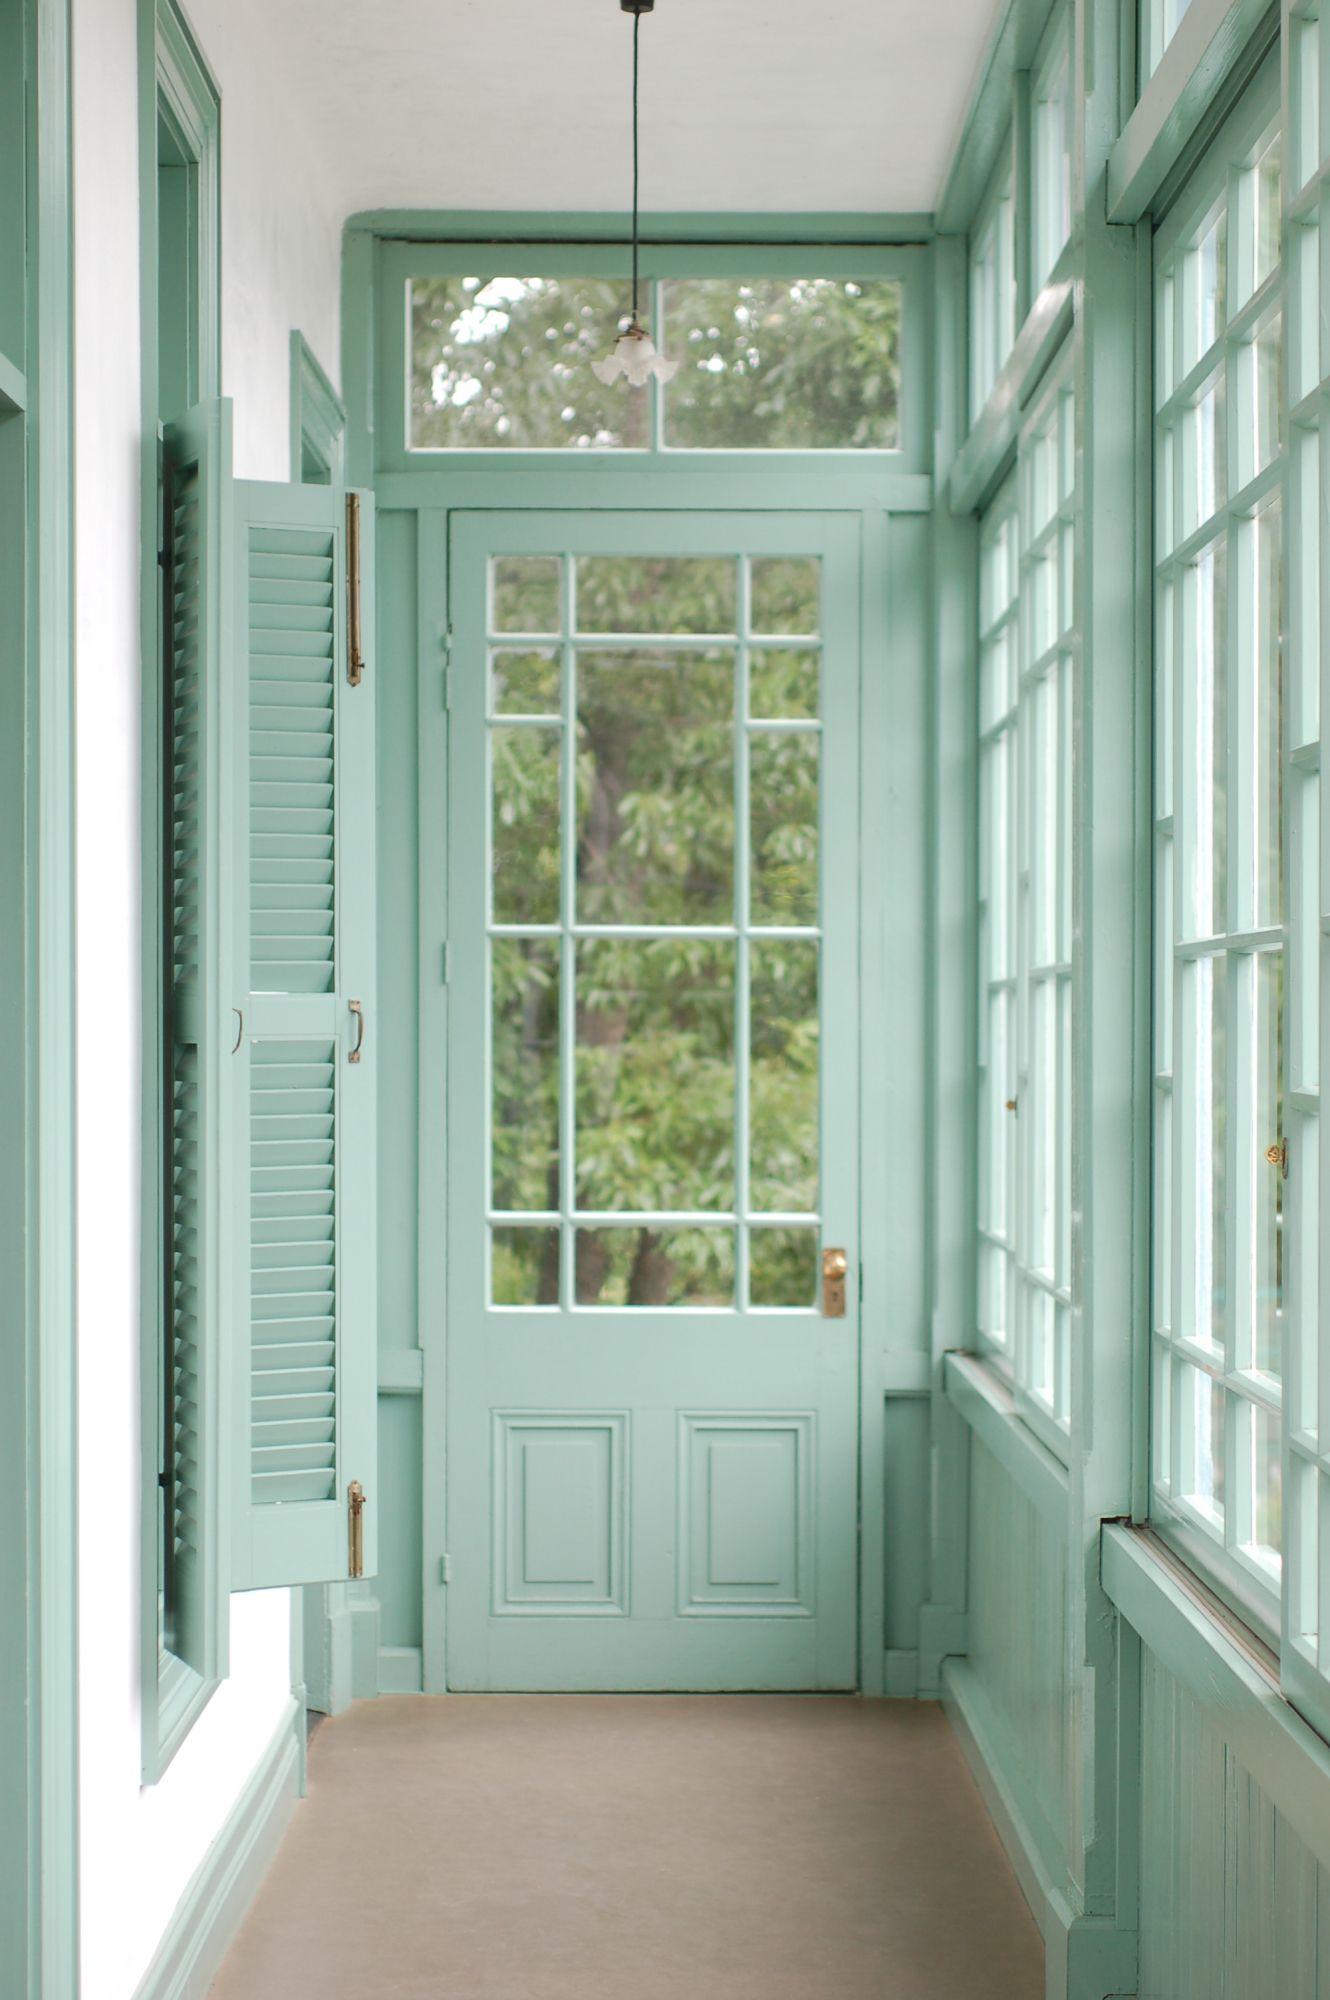 bc1c8c6d78c3286b674d0a3c33906c77 1 - Ide Warna Cat Jendela yang Bagus untuk Dekorasi Rumah Elegan